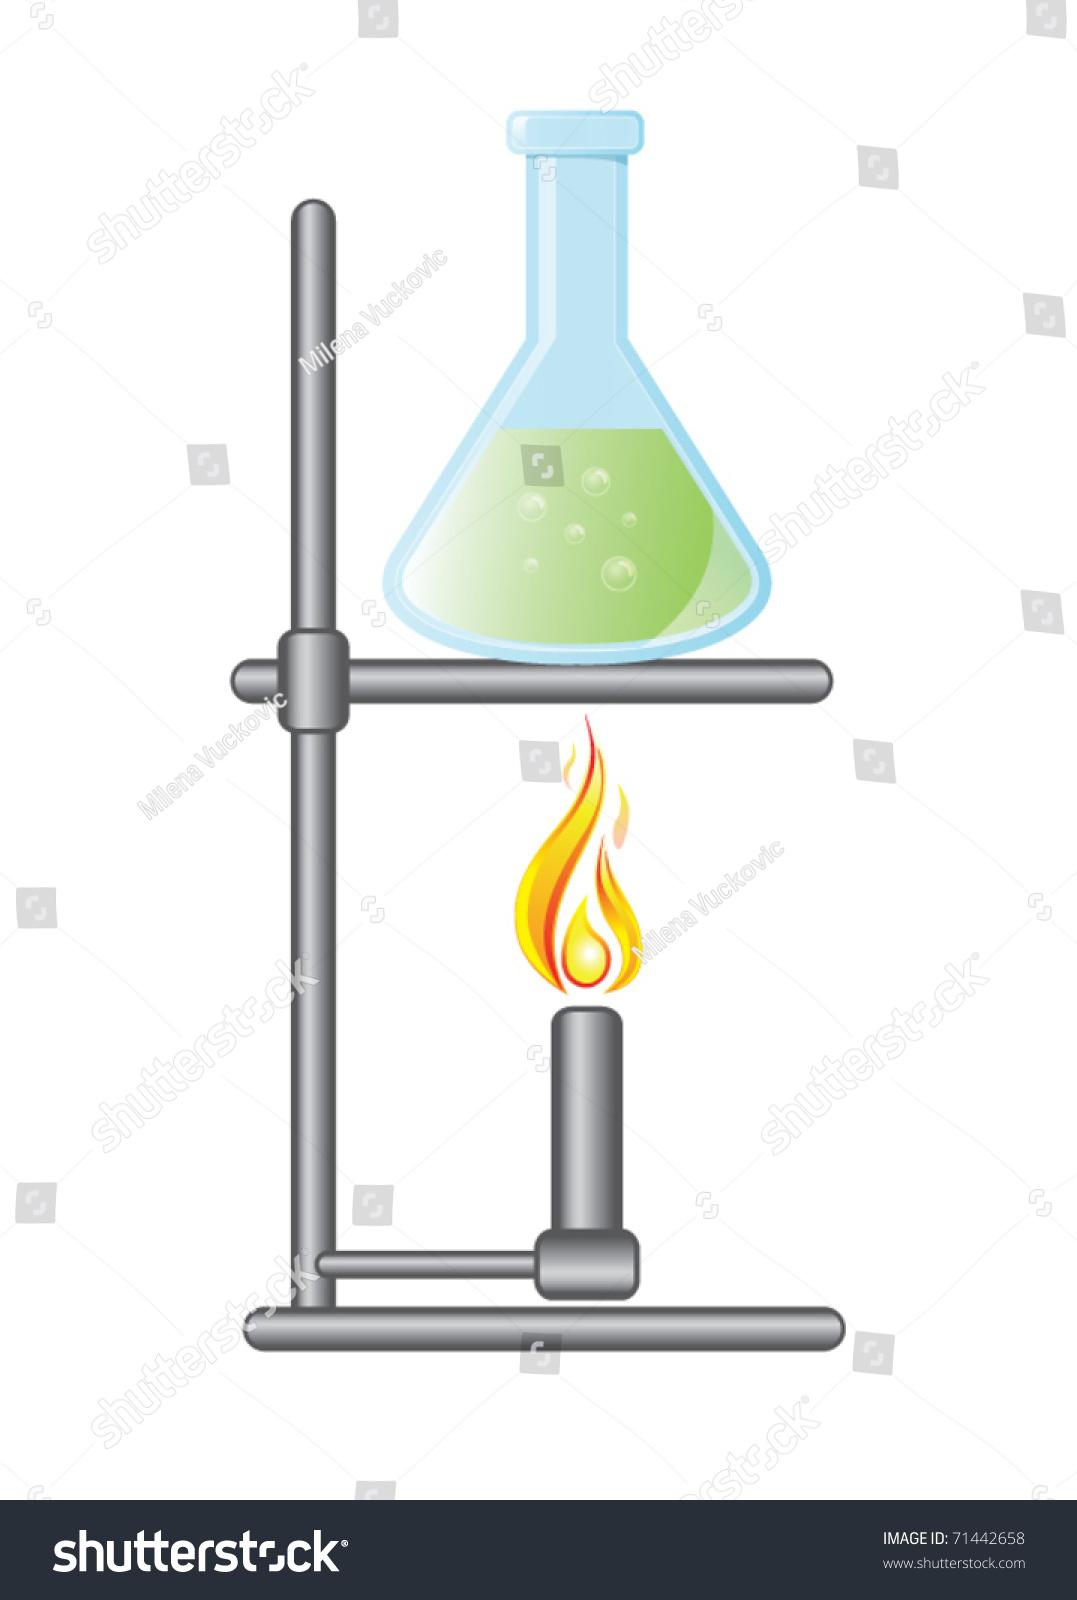 Medical Test Bottle On Bunsen Burner Stock Photo (Photo, Vector ... for bunsen burner with beaker  174mzq